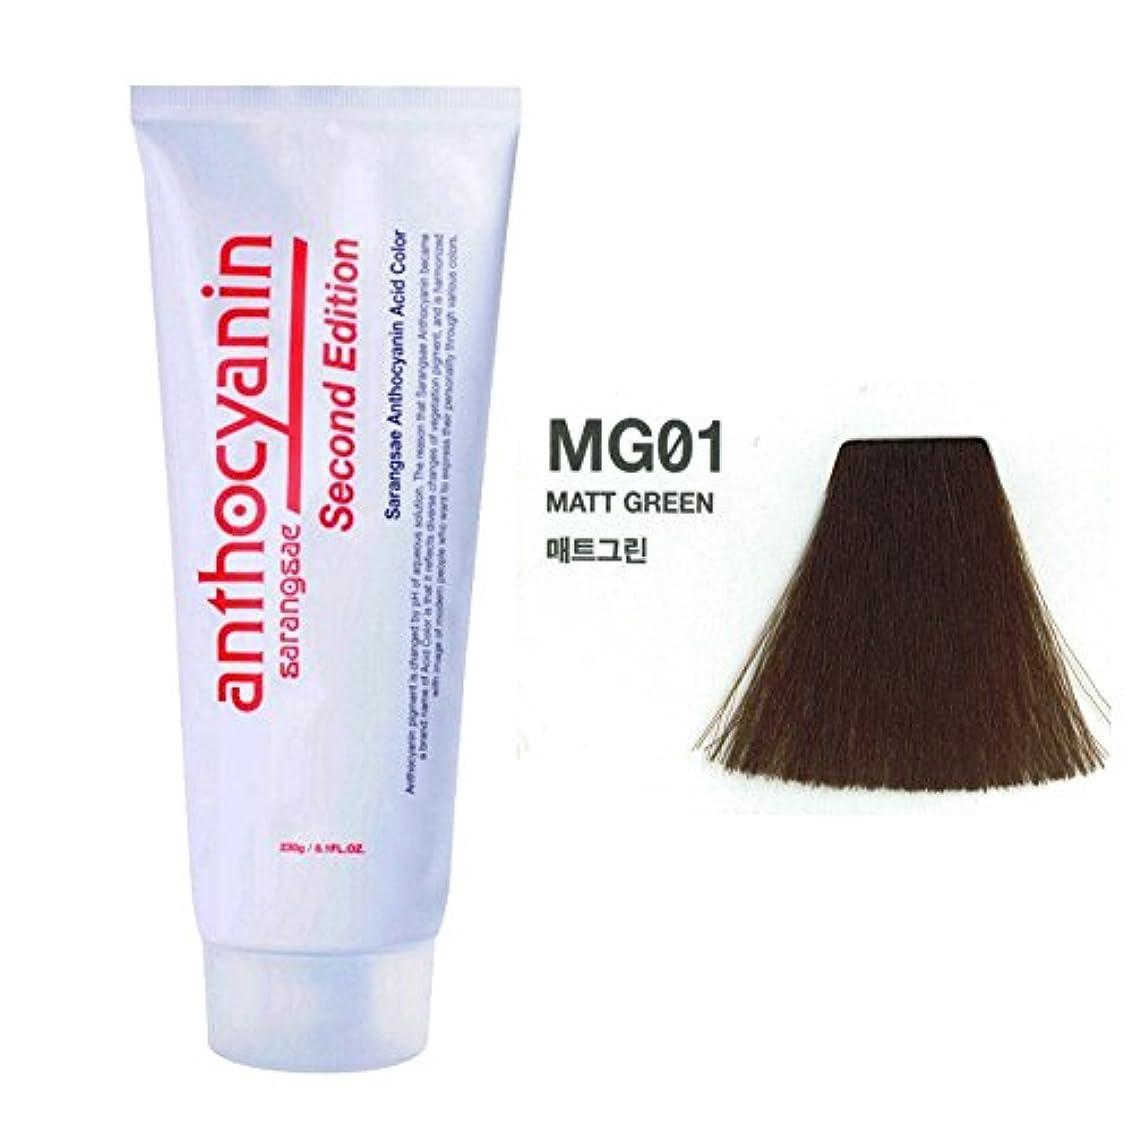 アルコーブ囲いカレンダーヘア マニキュア カラー セカンド エディション 230g セミ パーマネント 染毛剤 (Hair Manicure Color Second Edition 230g Semi Permanent Hair Dye) [並行輸入品] (MG01 Marr Green)